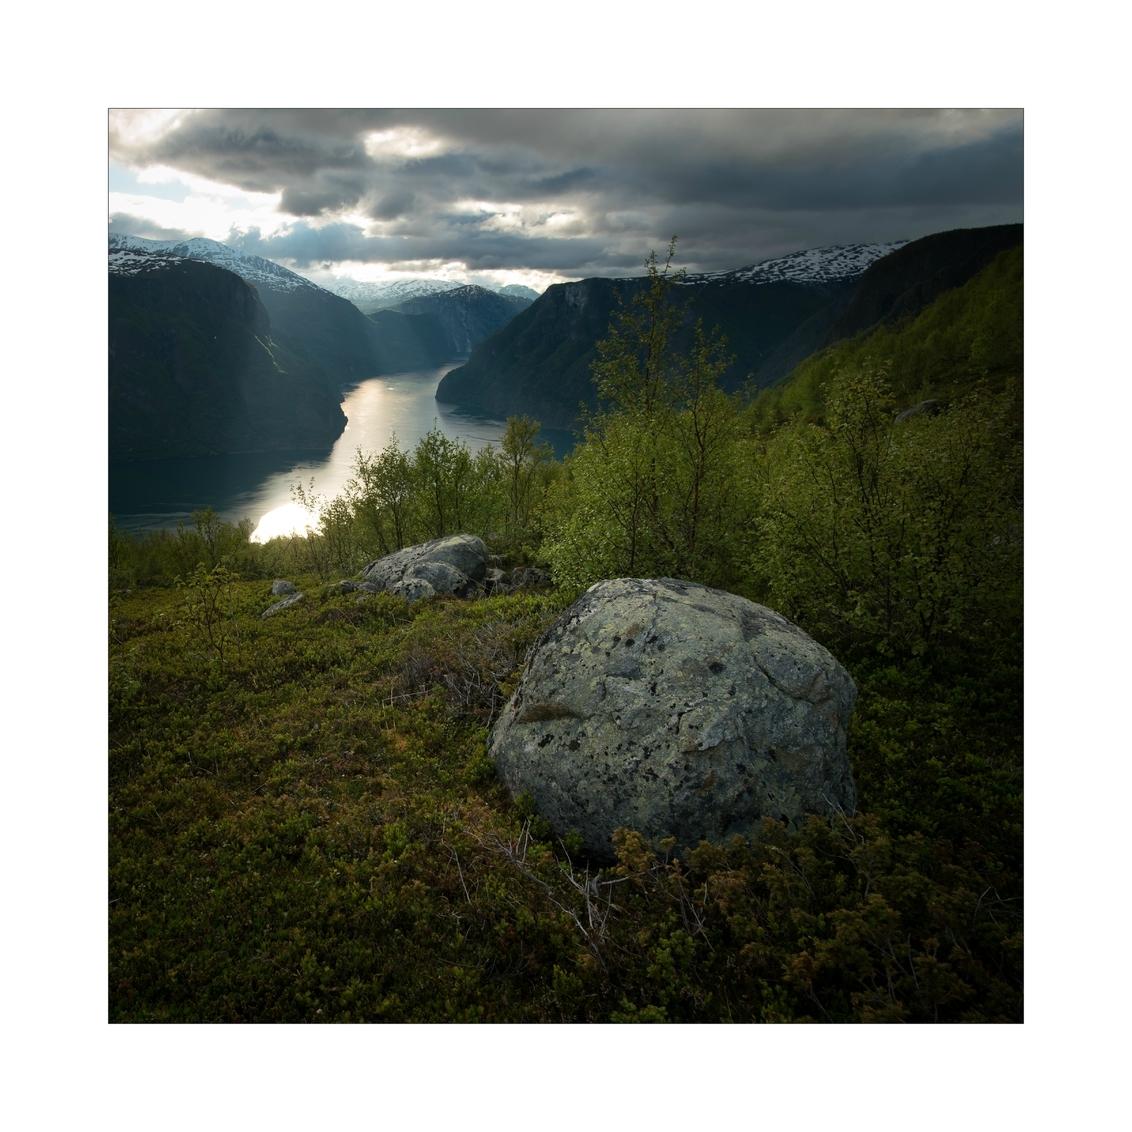 View over Aurlandsfjord - - - foto door Joshua181 op 24-12-2017 - deze foto bevat: lucht, wolken, lente, natuur, licht, avond, vakantie, reizen, landschap, bergen, noorwegen, reisfotografie